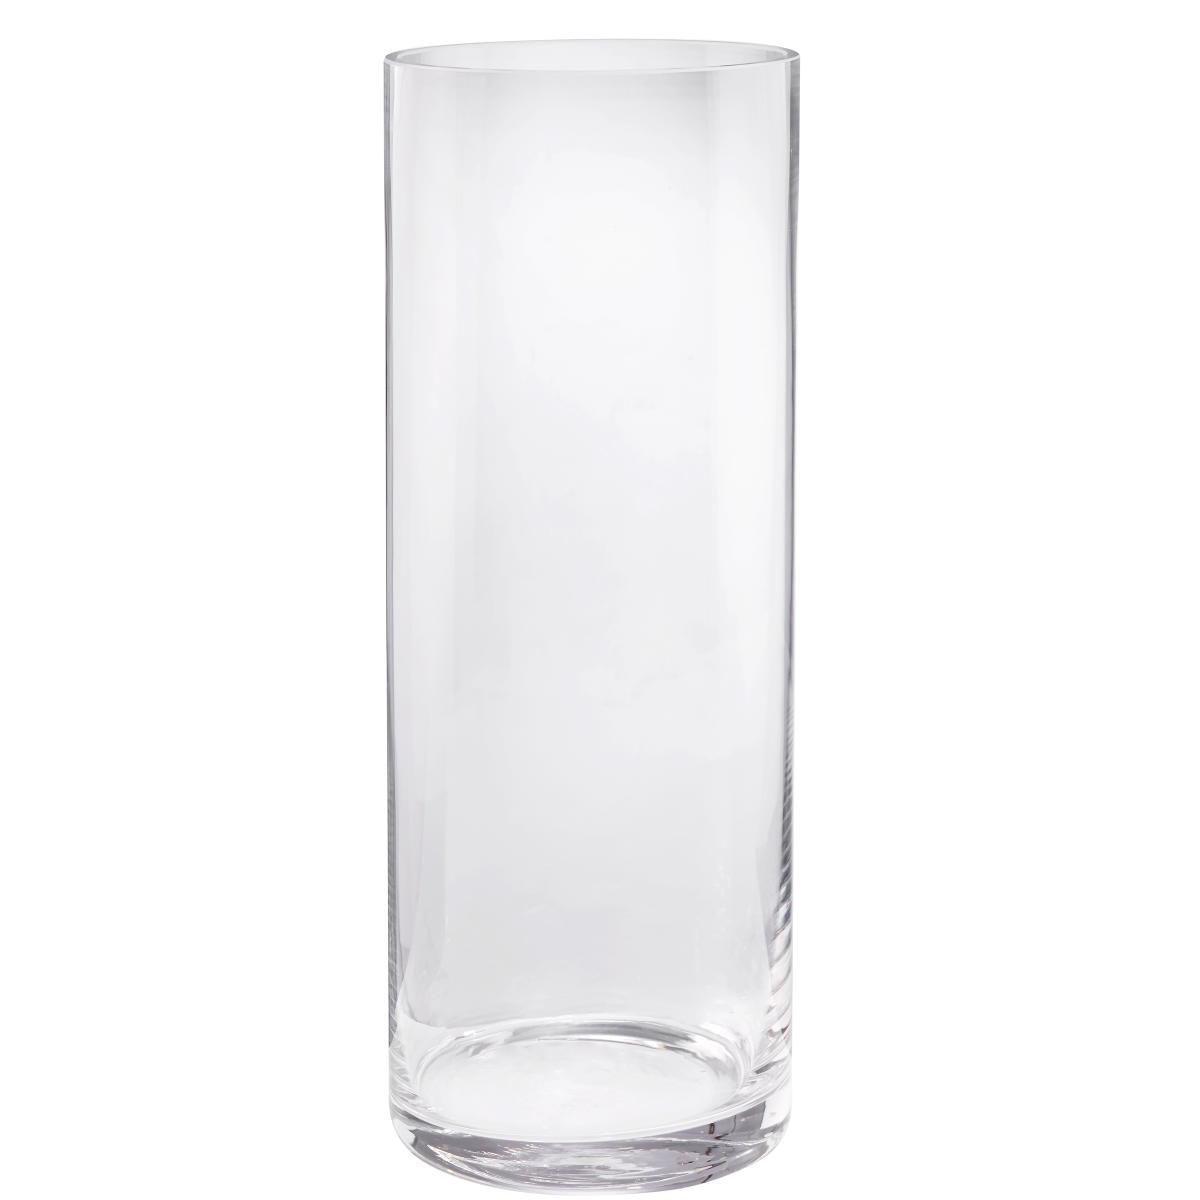 Bild 1 von zylindrische Vase 40 cm